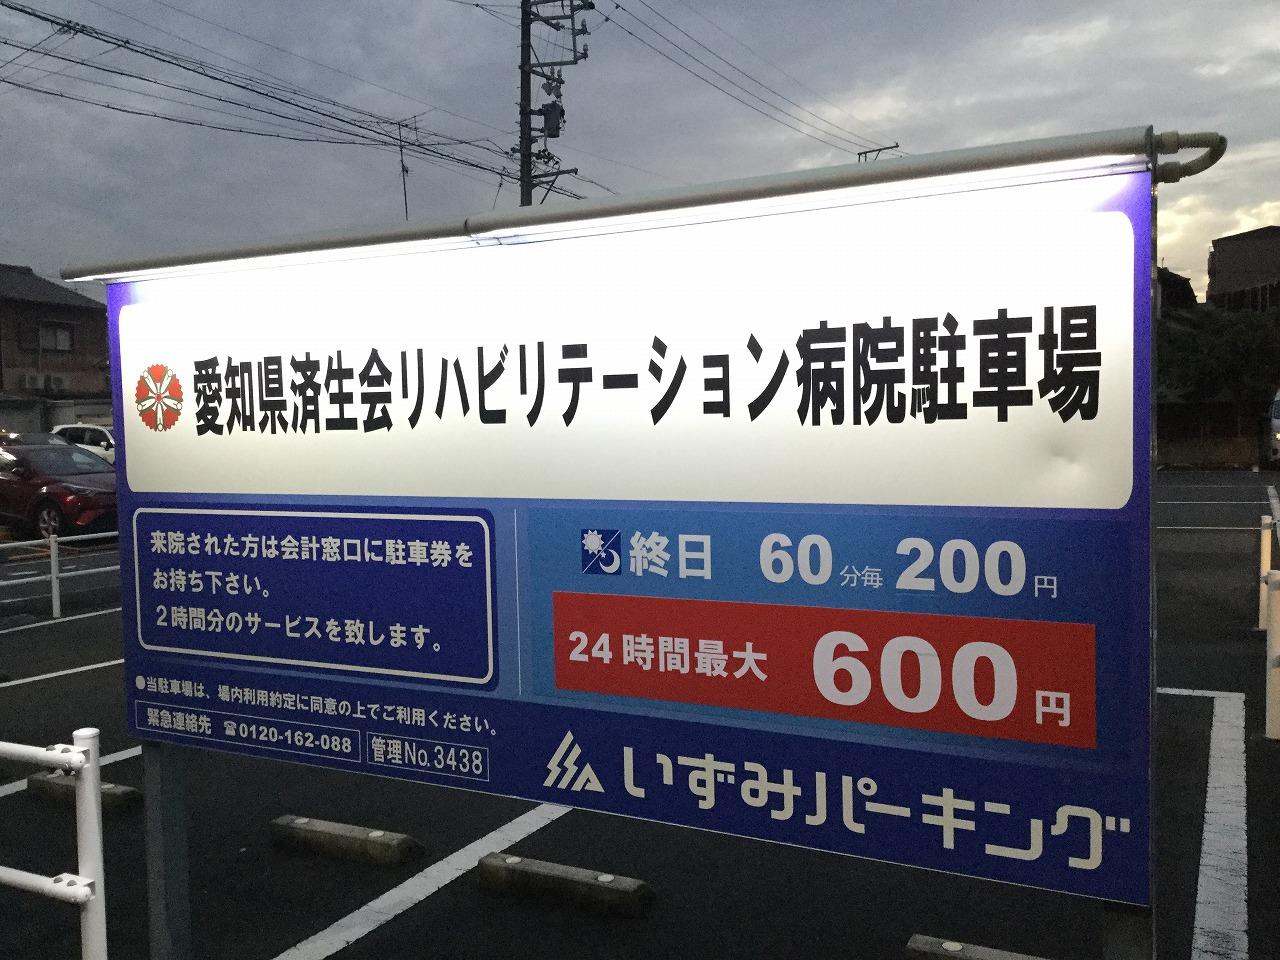 愛知県済生会リハビリテーション病院駐車場